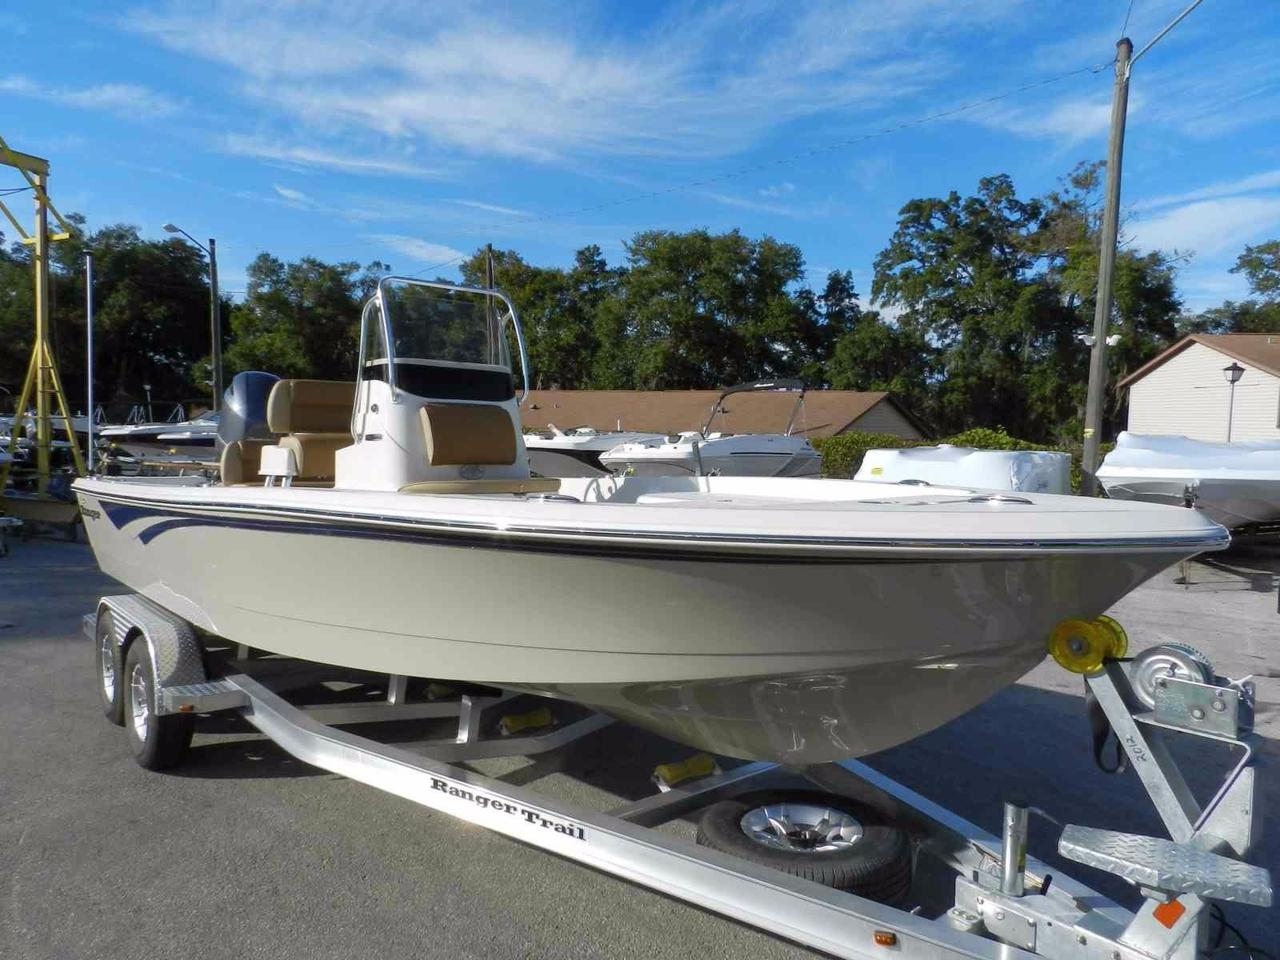 2016 new ranger 220 bahia saltwater fishing boat for sale for New fishing boats for sale